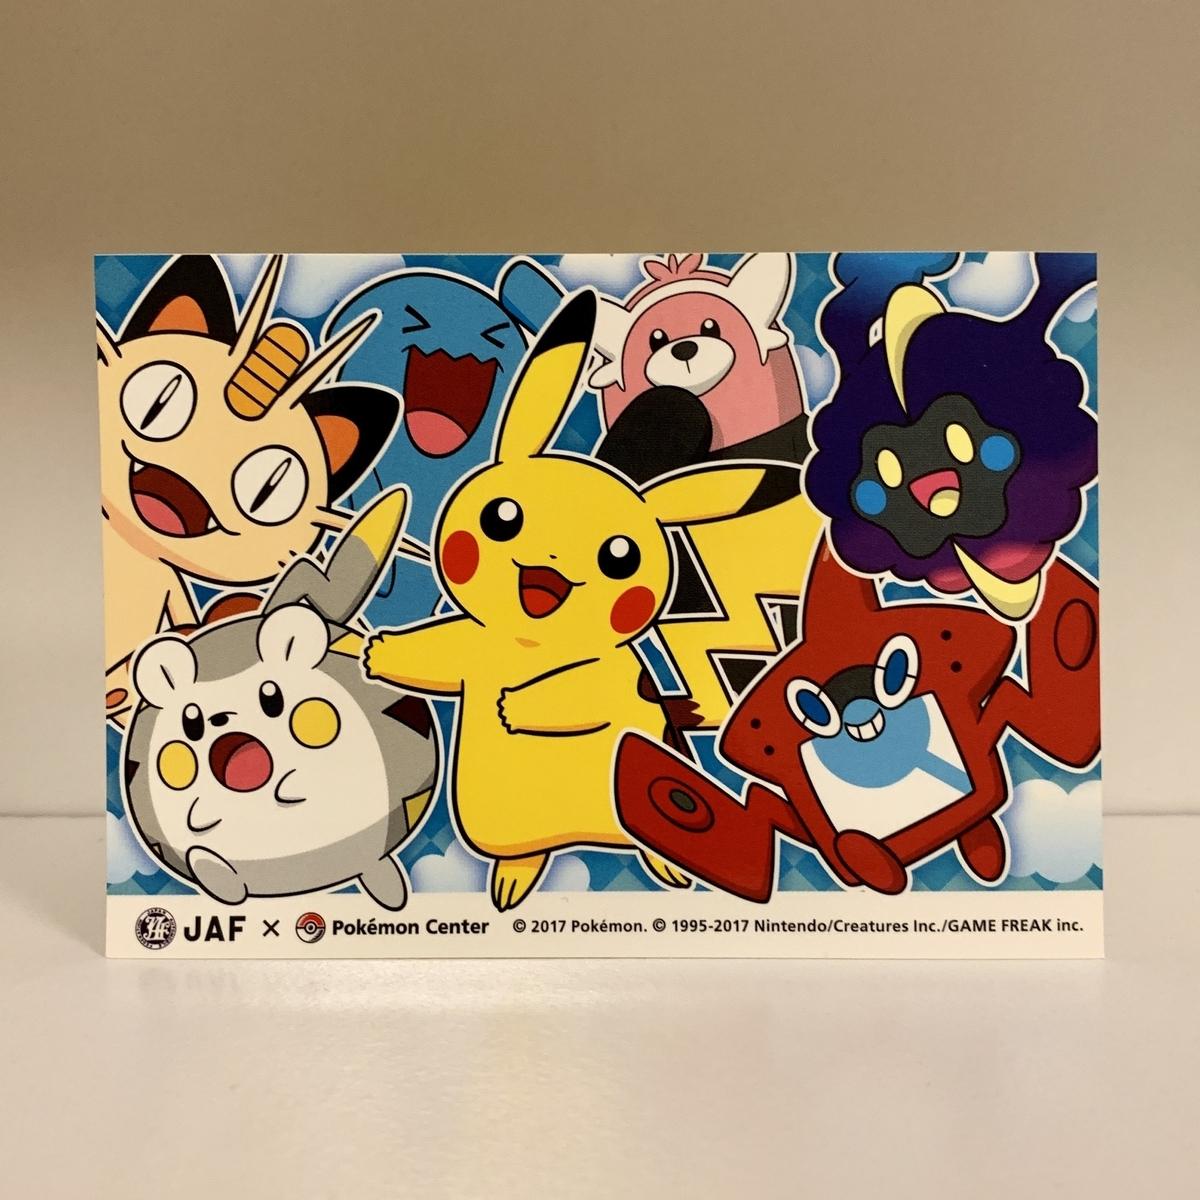 f:id:pikachu_pcn:20190503194352j:plain